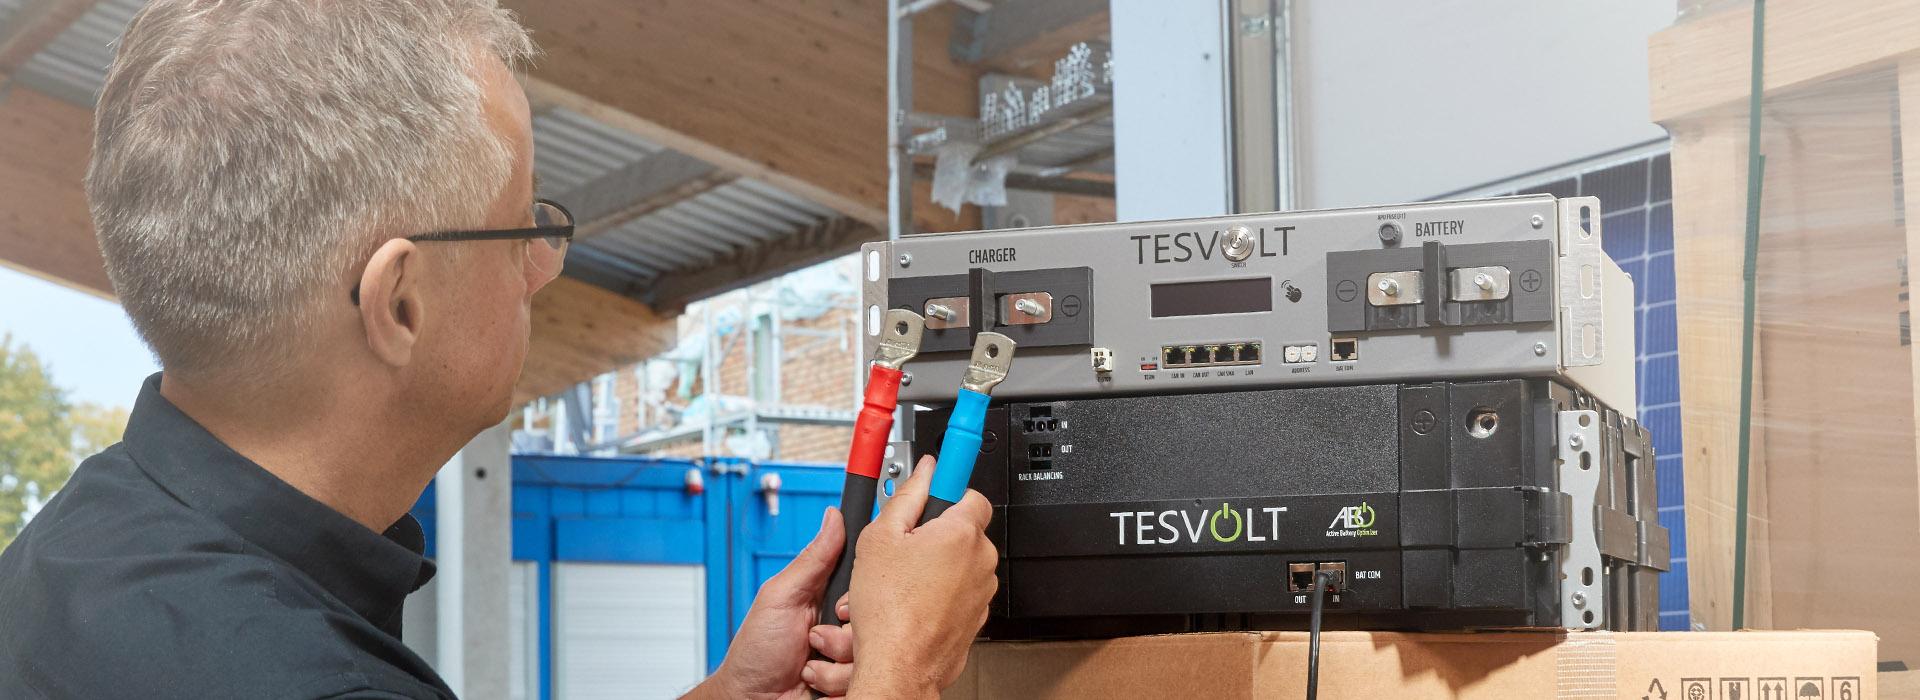 Energielösungen: eine Fachkraft der Elektrotechnik misst Strom an einem Stromspeicher